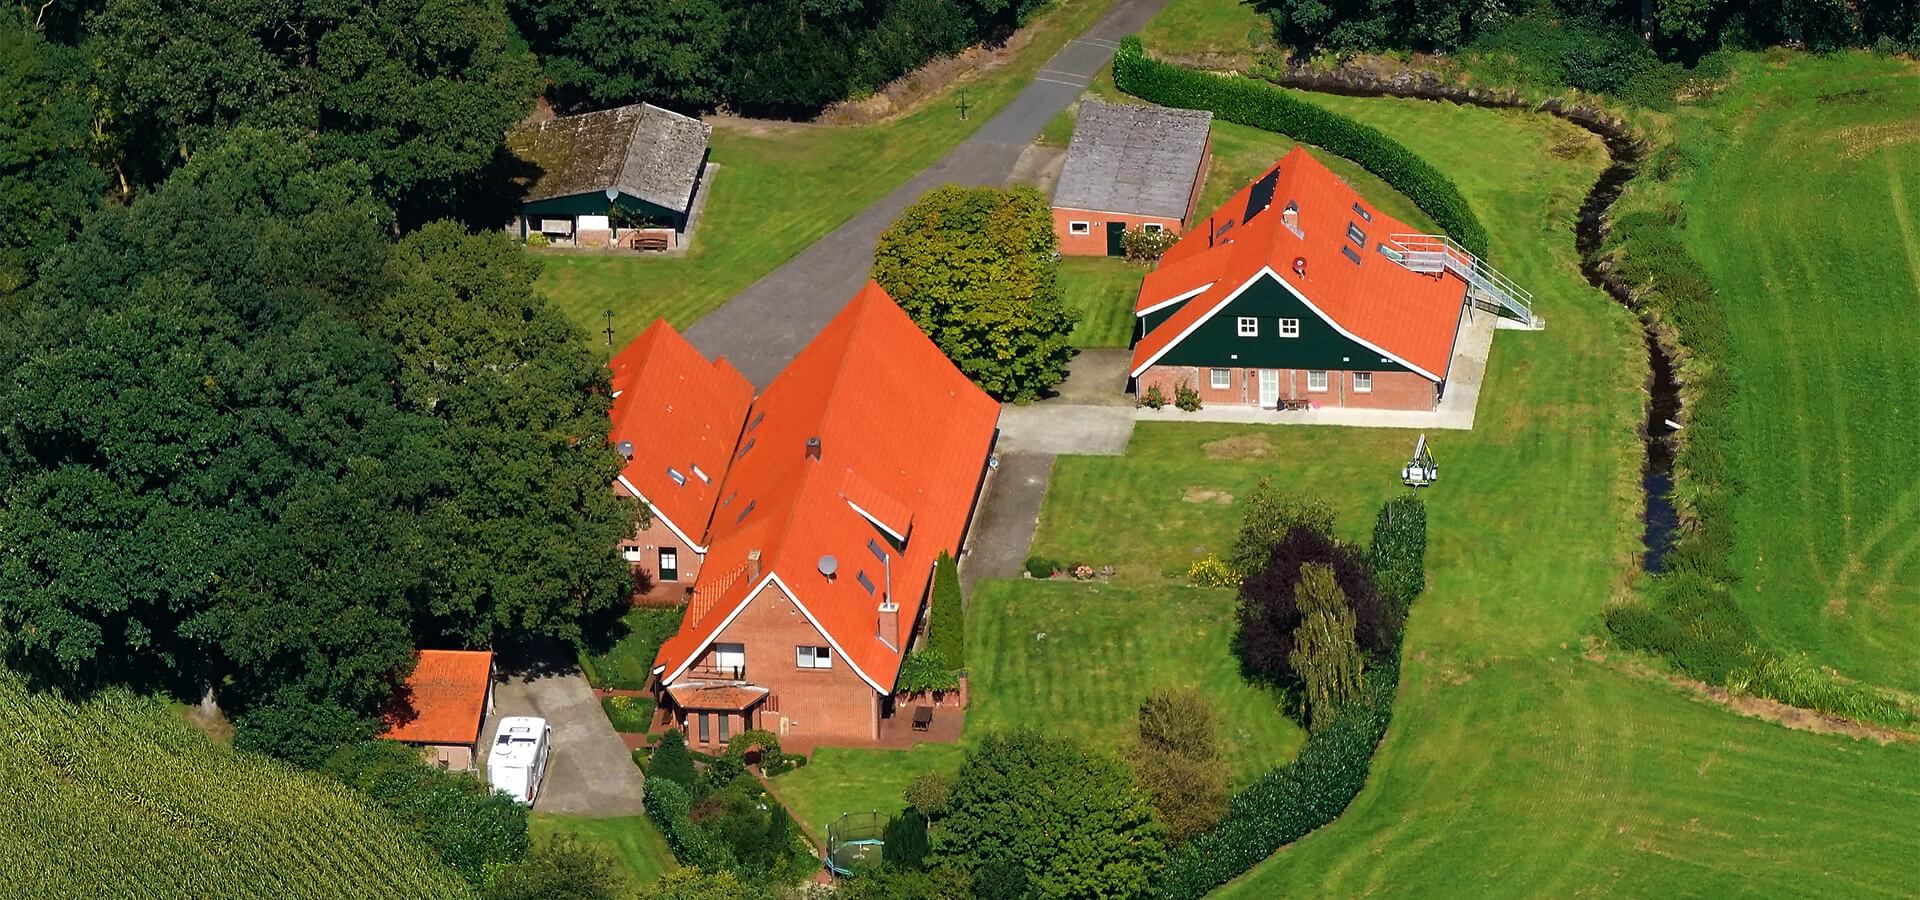 Gästehaus Rötterink Luftbild